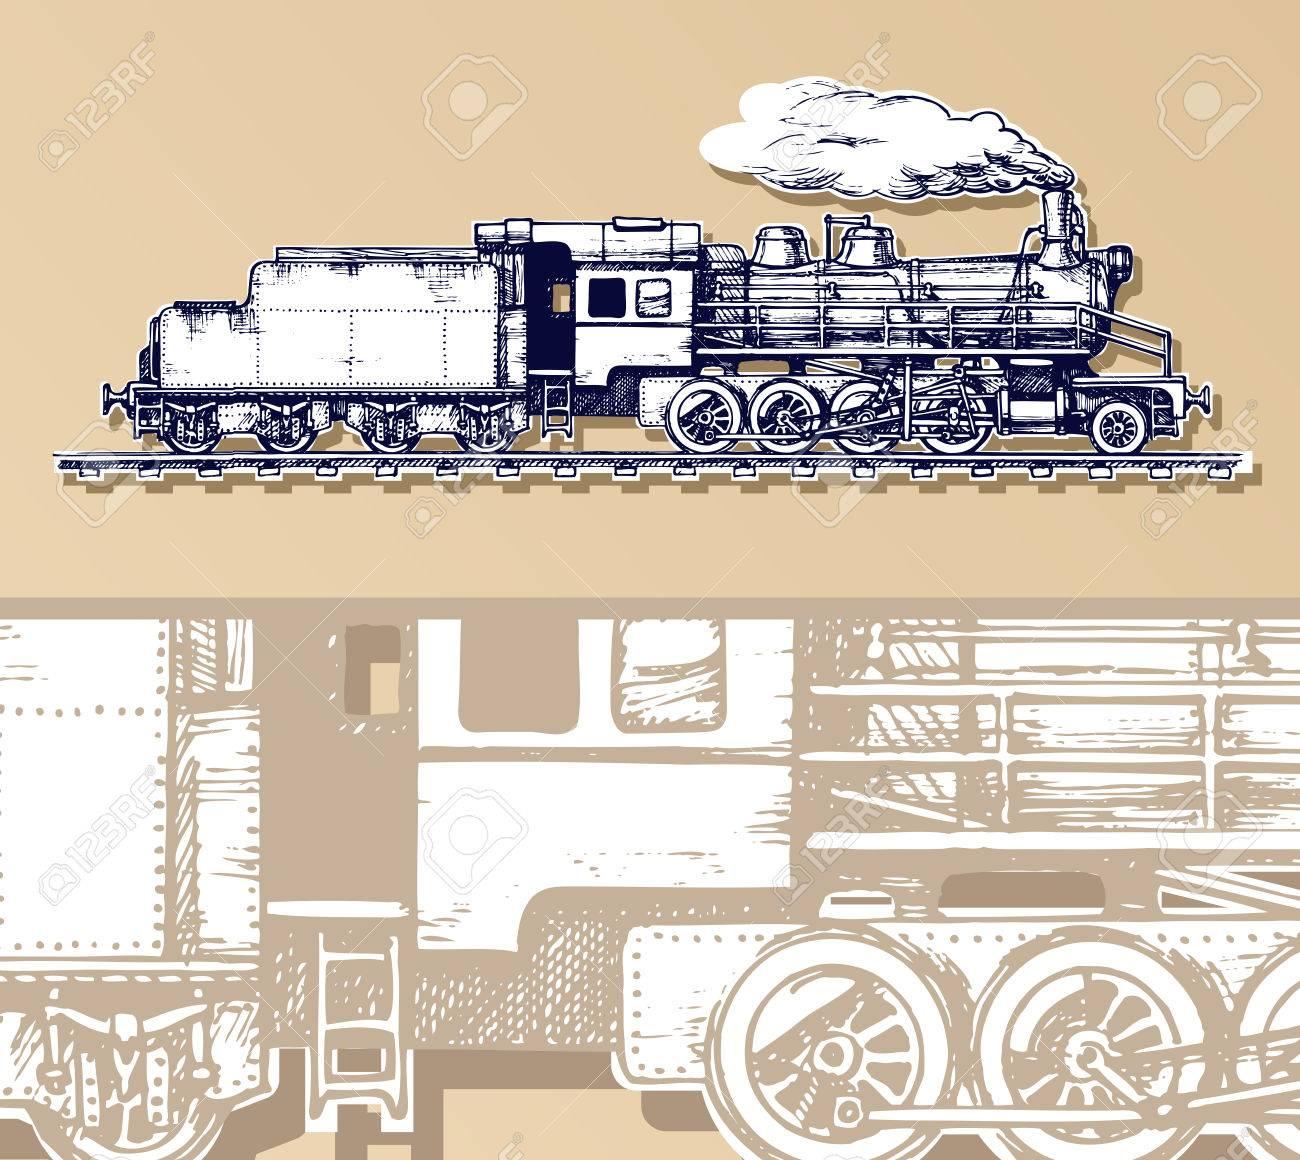 vintage train. - 35315167